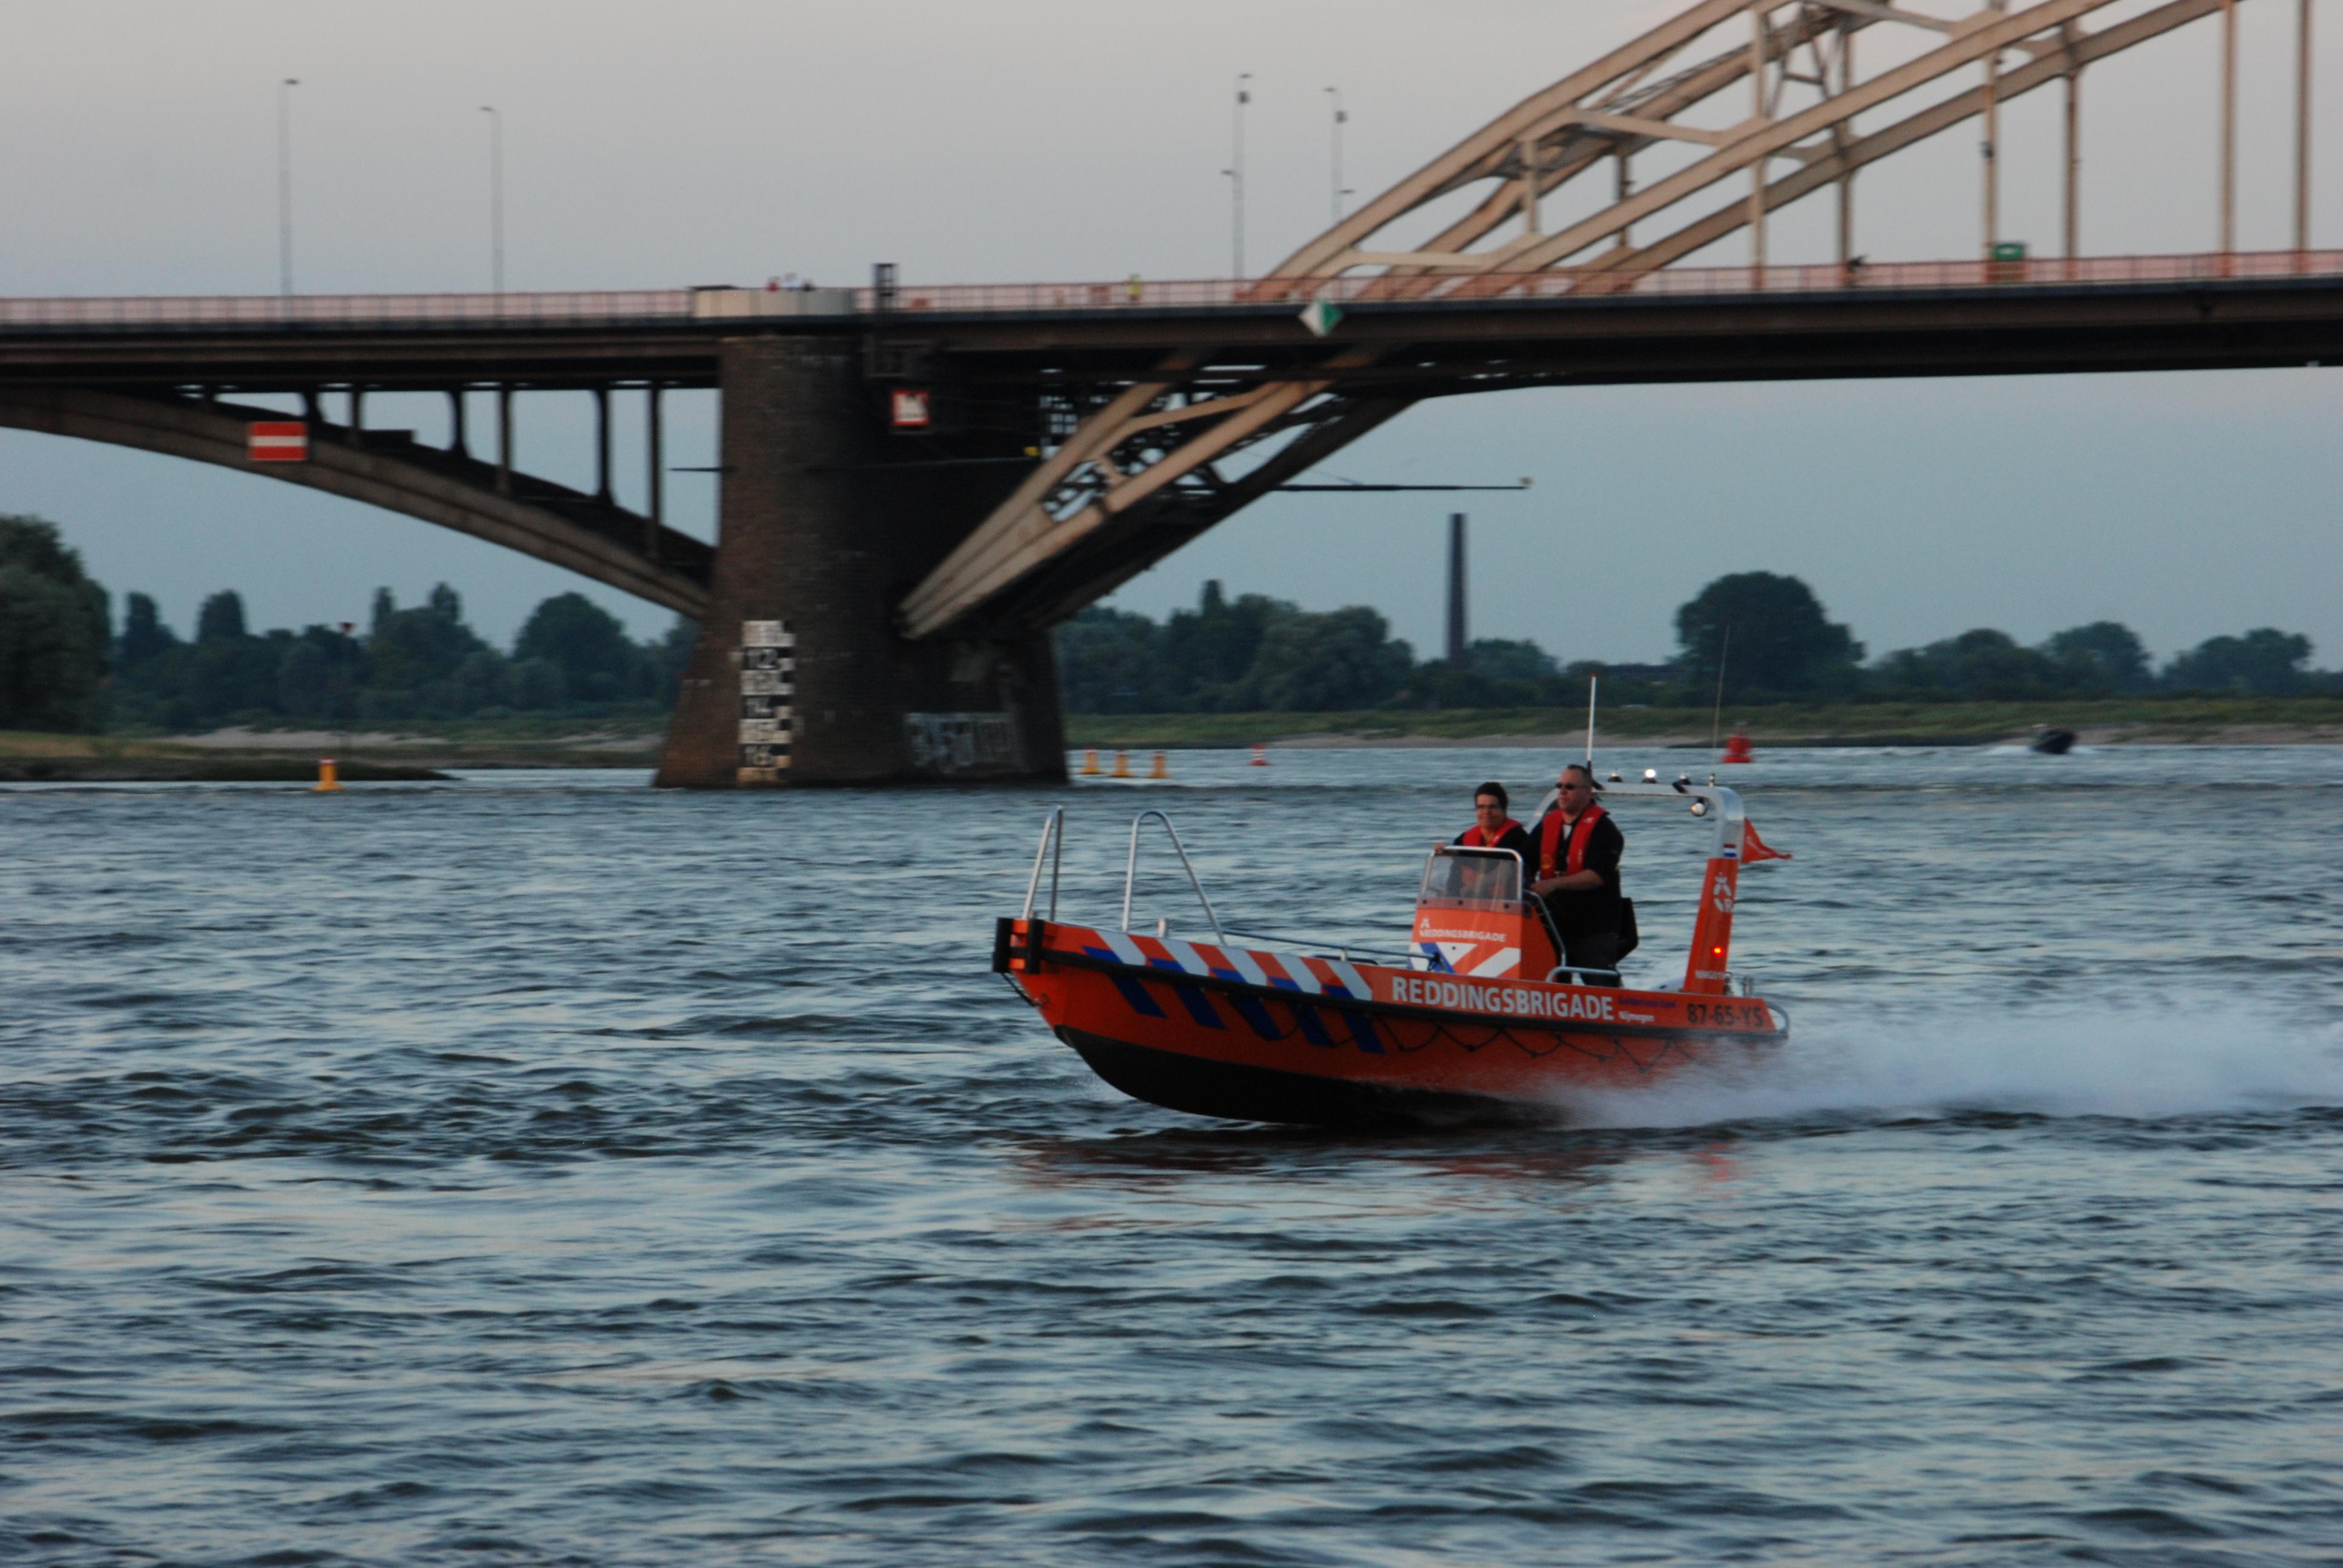 Zorgen Reddingsbrigade over toename aantal verdrinkingen